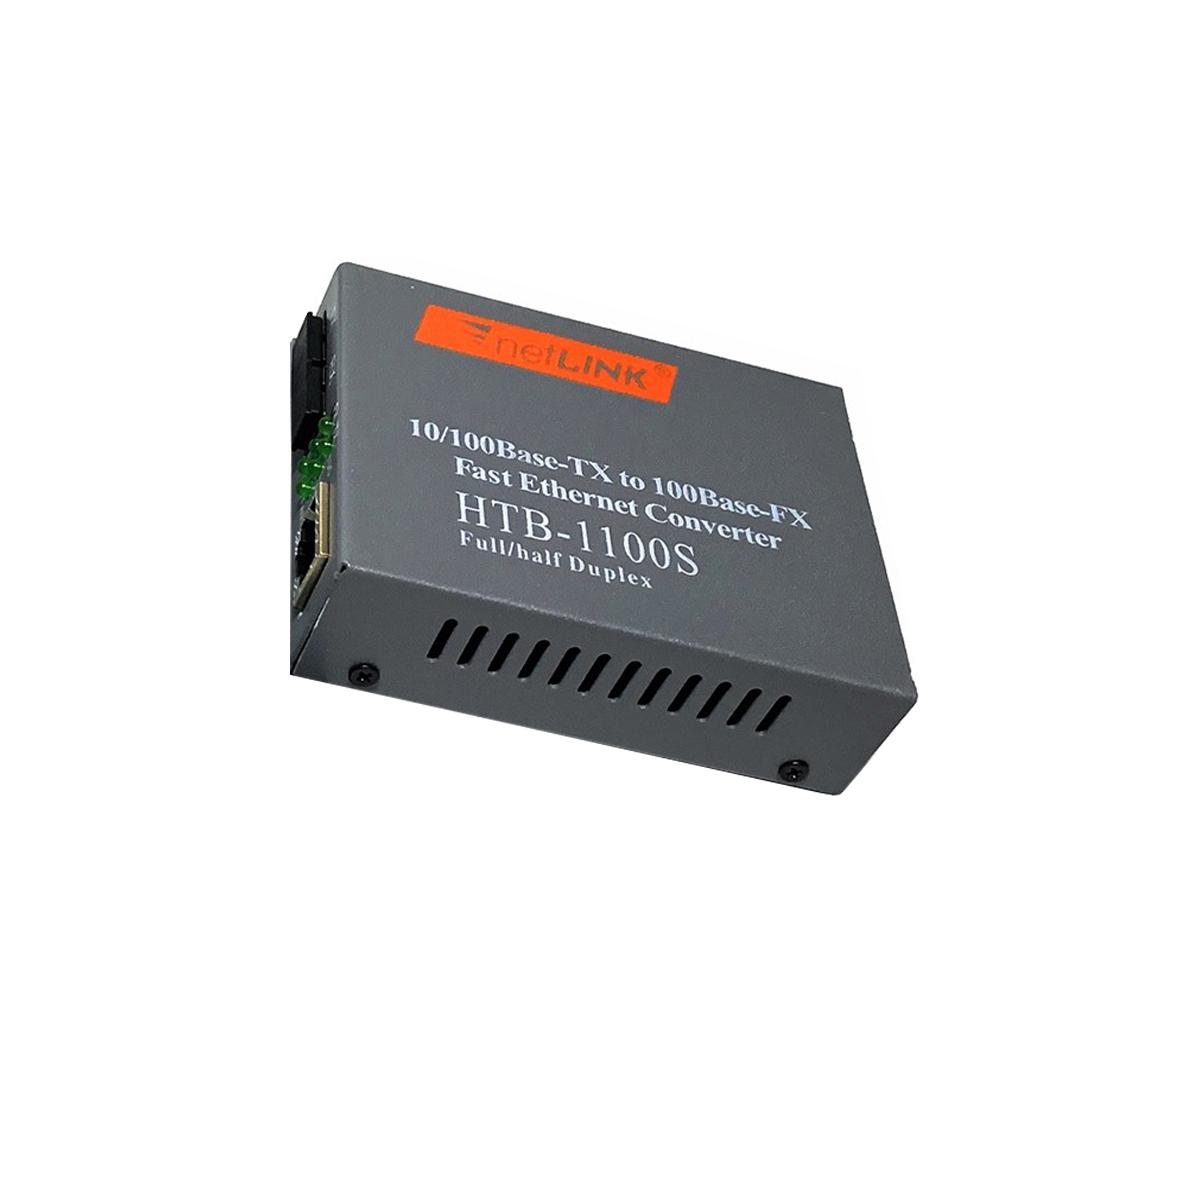 Bộ chuyển đổi quang điện 10/100M 2 Sợi quang Netlink HTB-1100S 25KM (1 thiết bị ) - Hàng Nhập khẩu